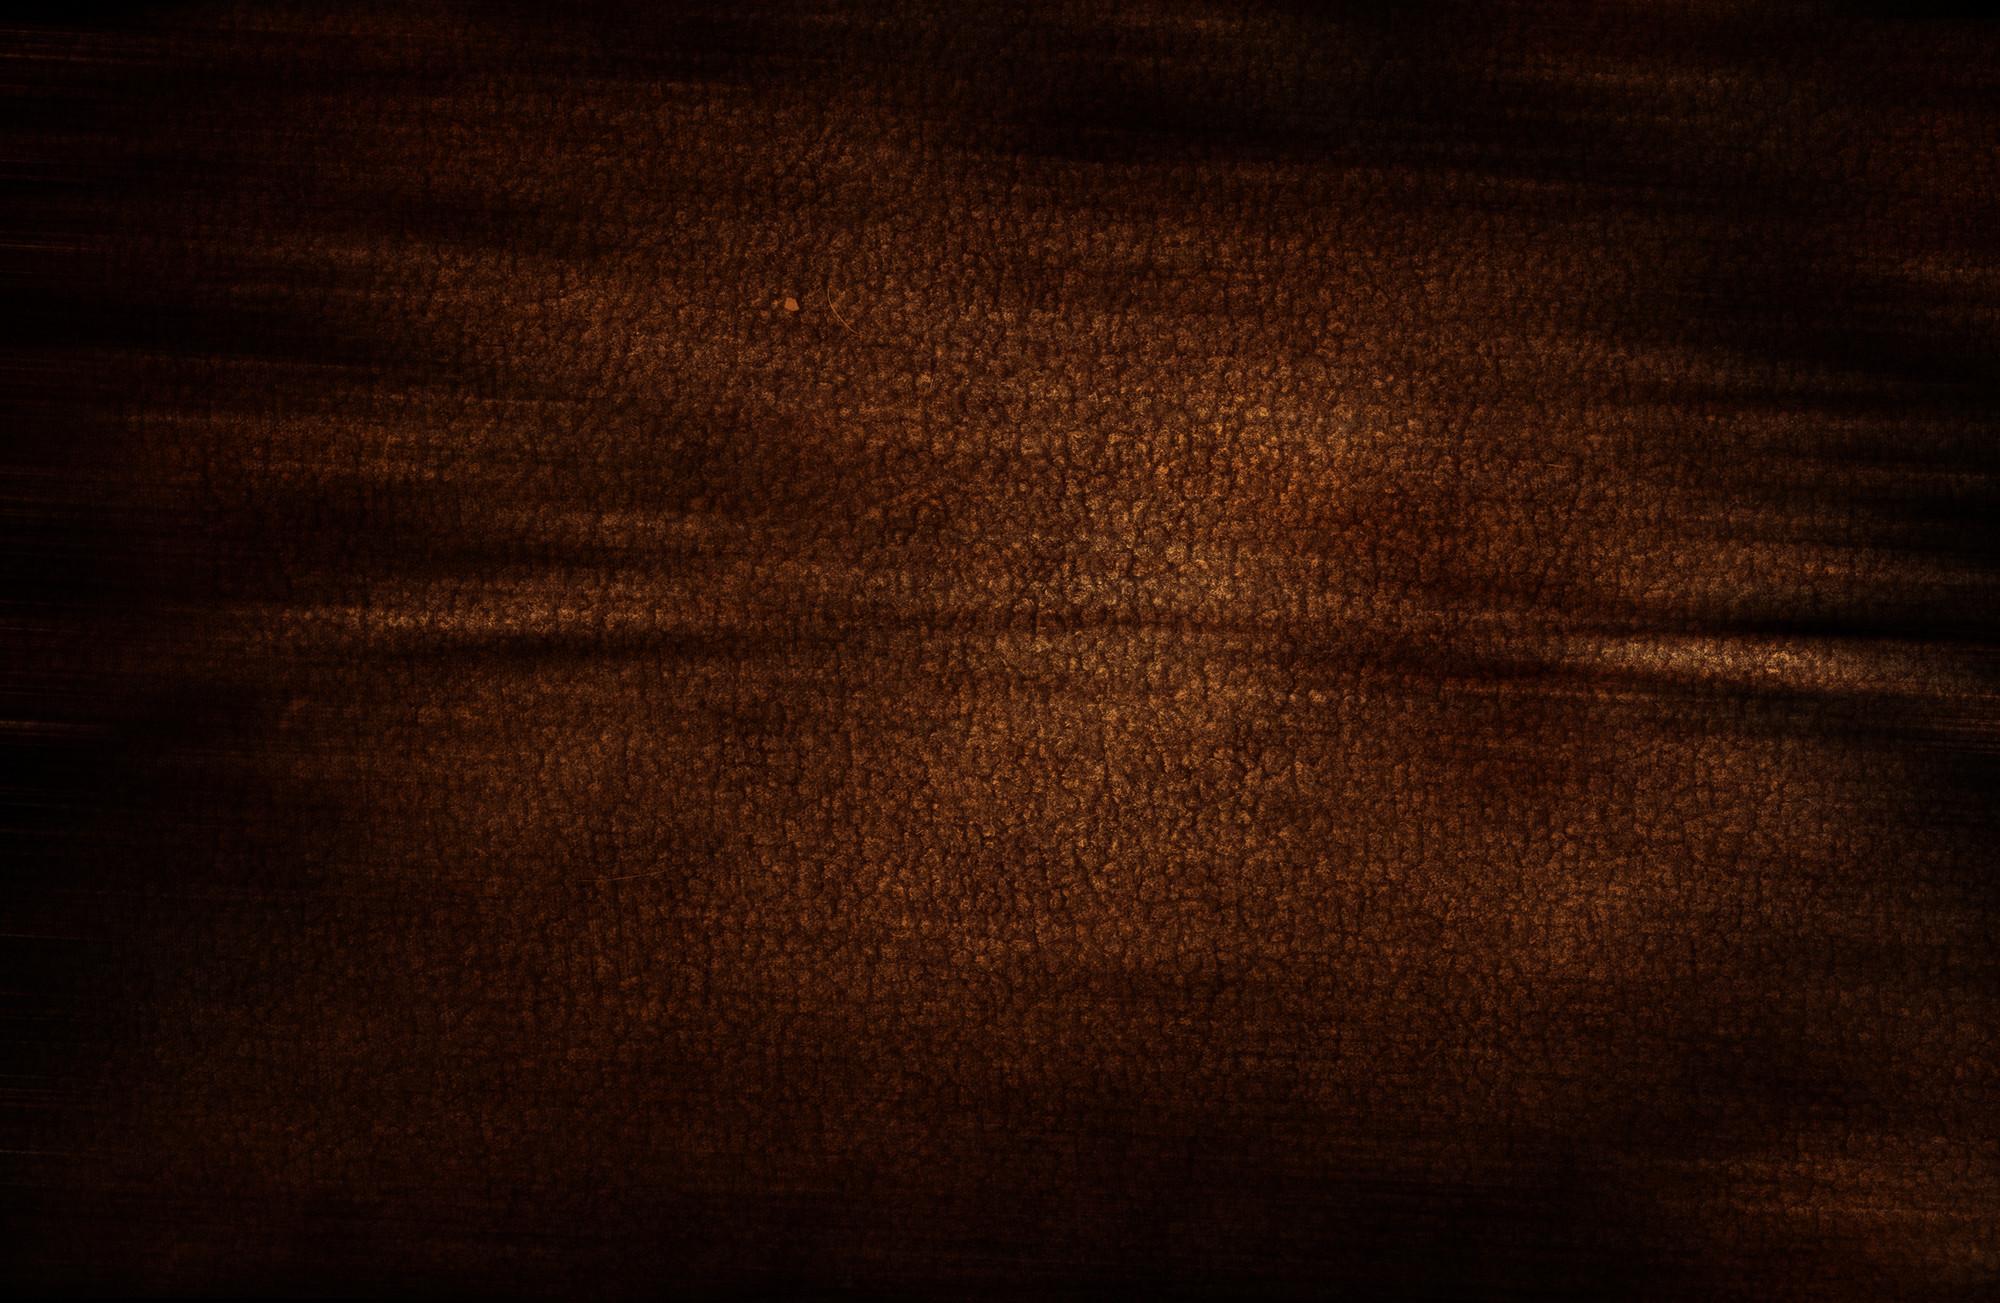 Dark Brown Wallpaper 68 Images